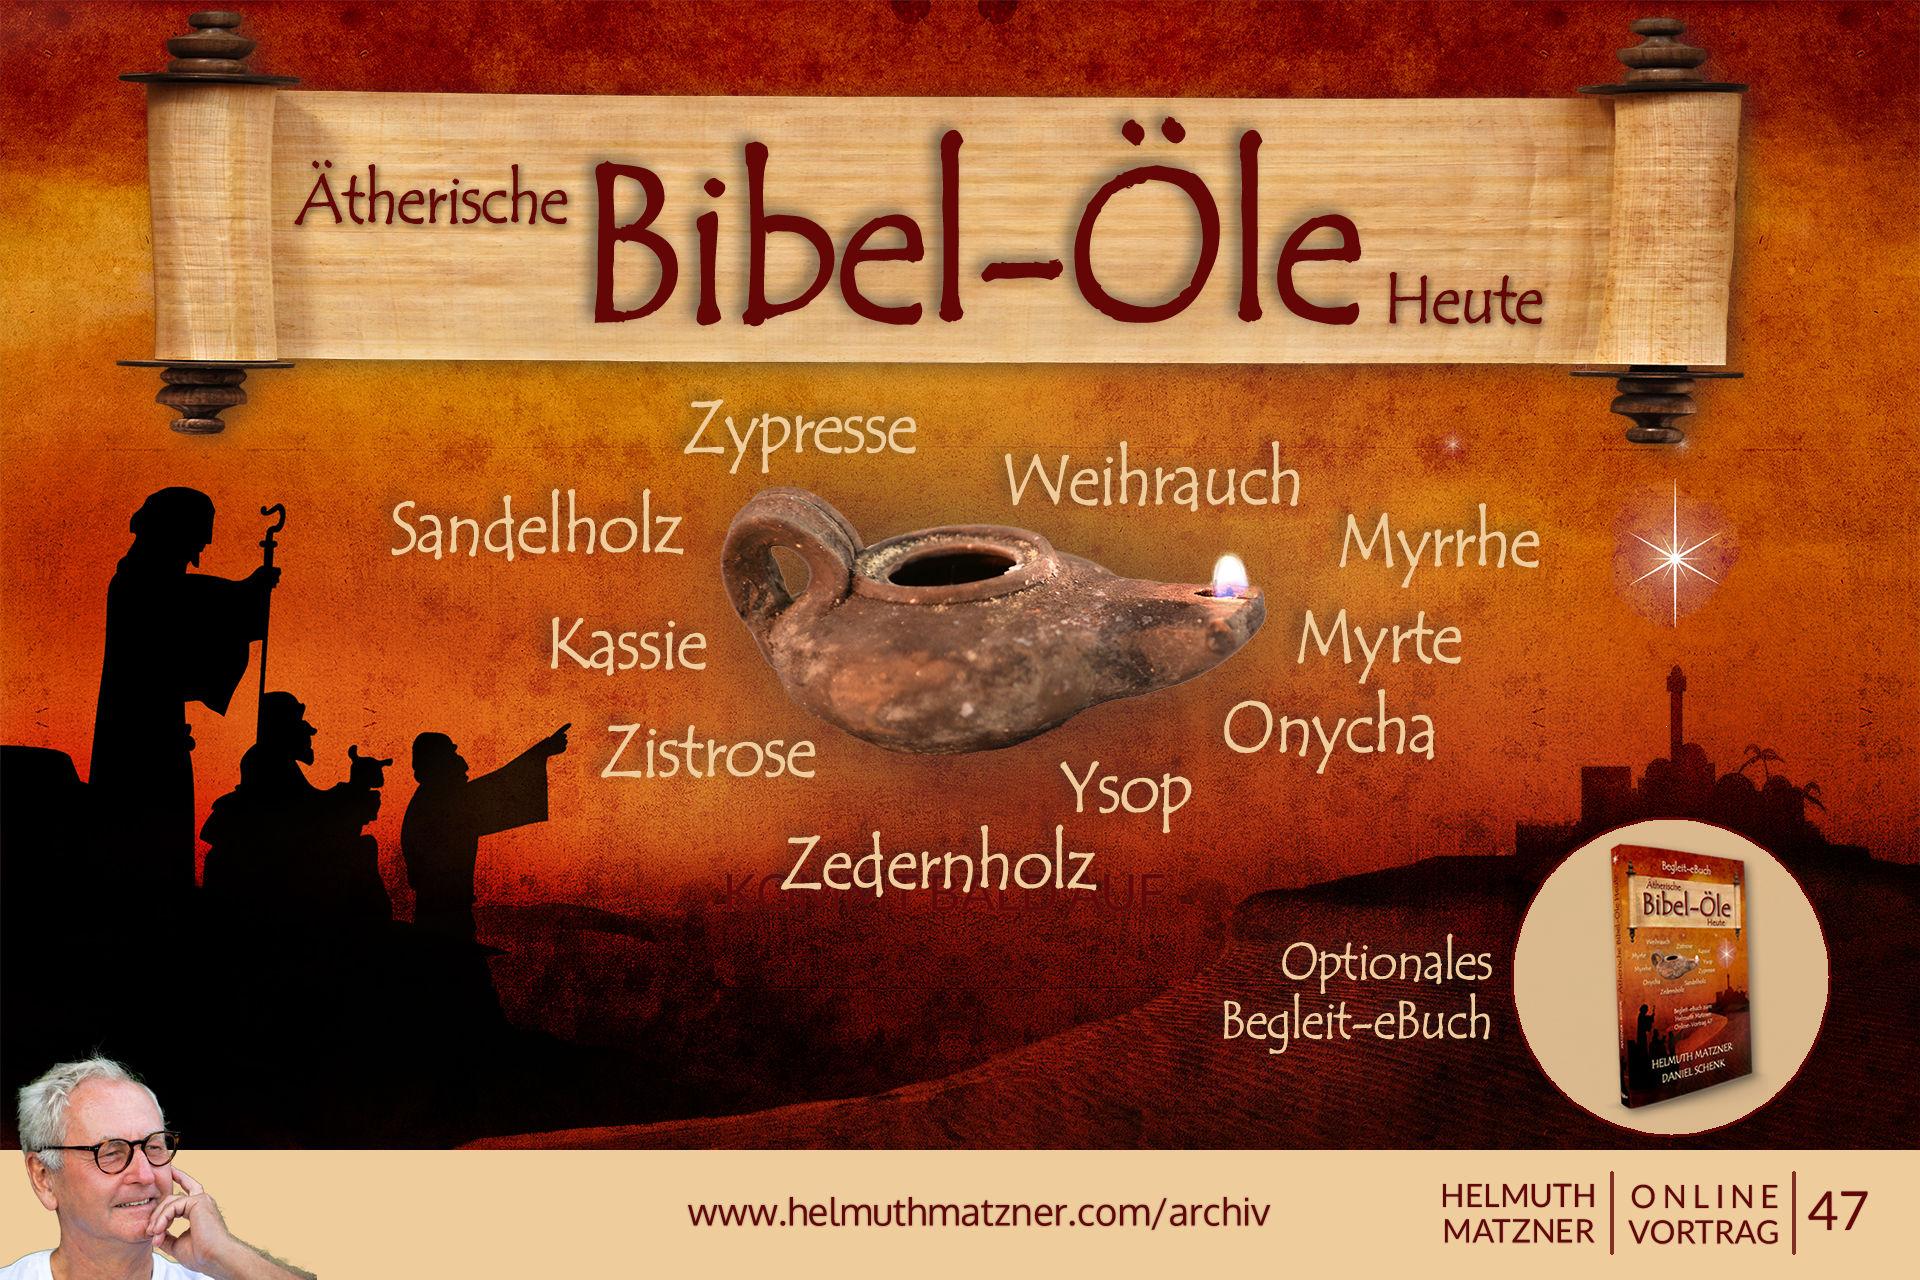 Helmuth Matzner - Online-Vortrag 47 - Bibel-Öle - Archiv v05